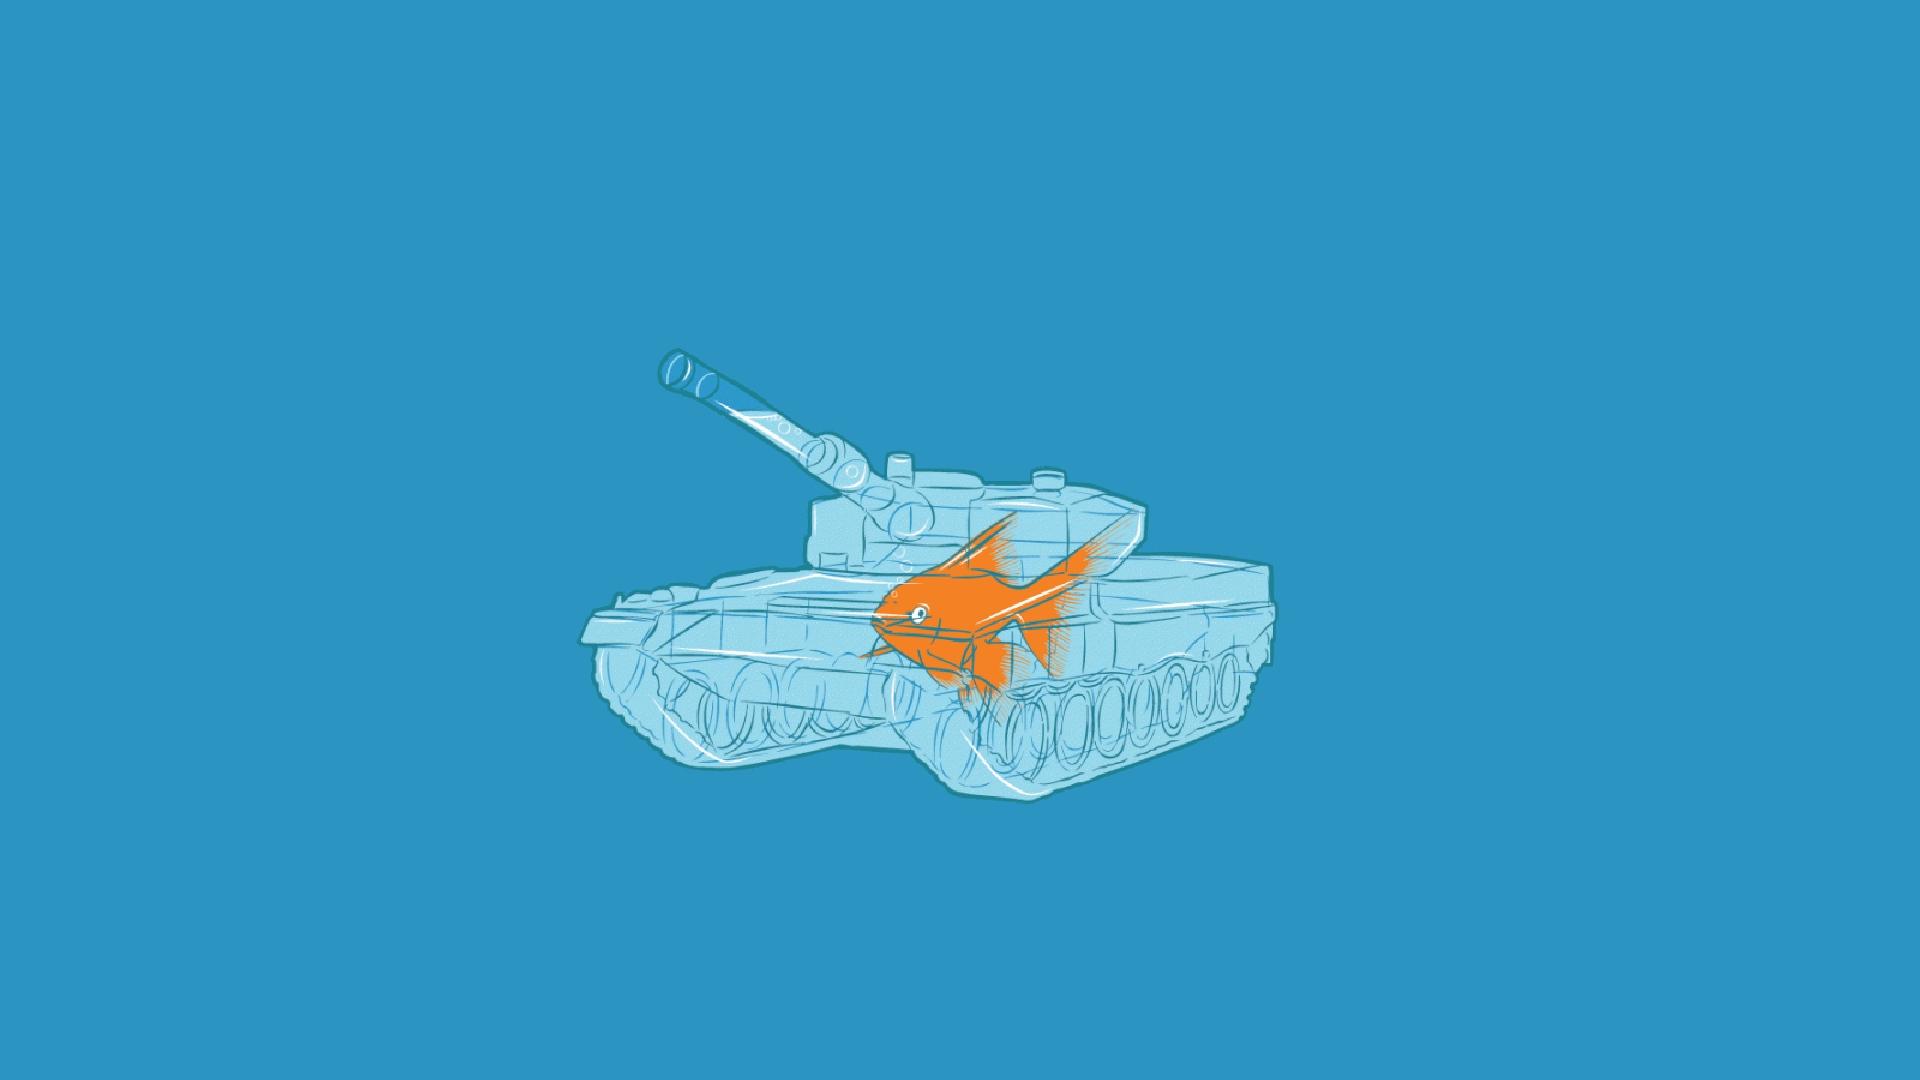 Hình ảnh hoạt hình chú cá dễ thương